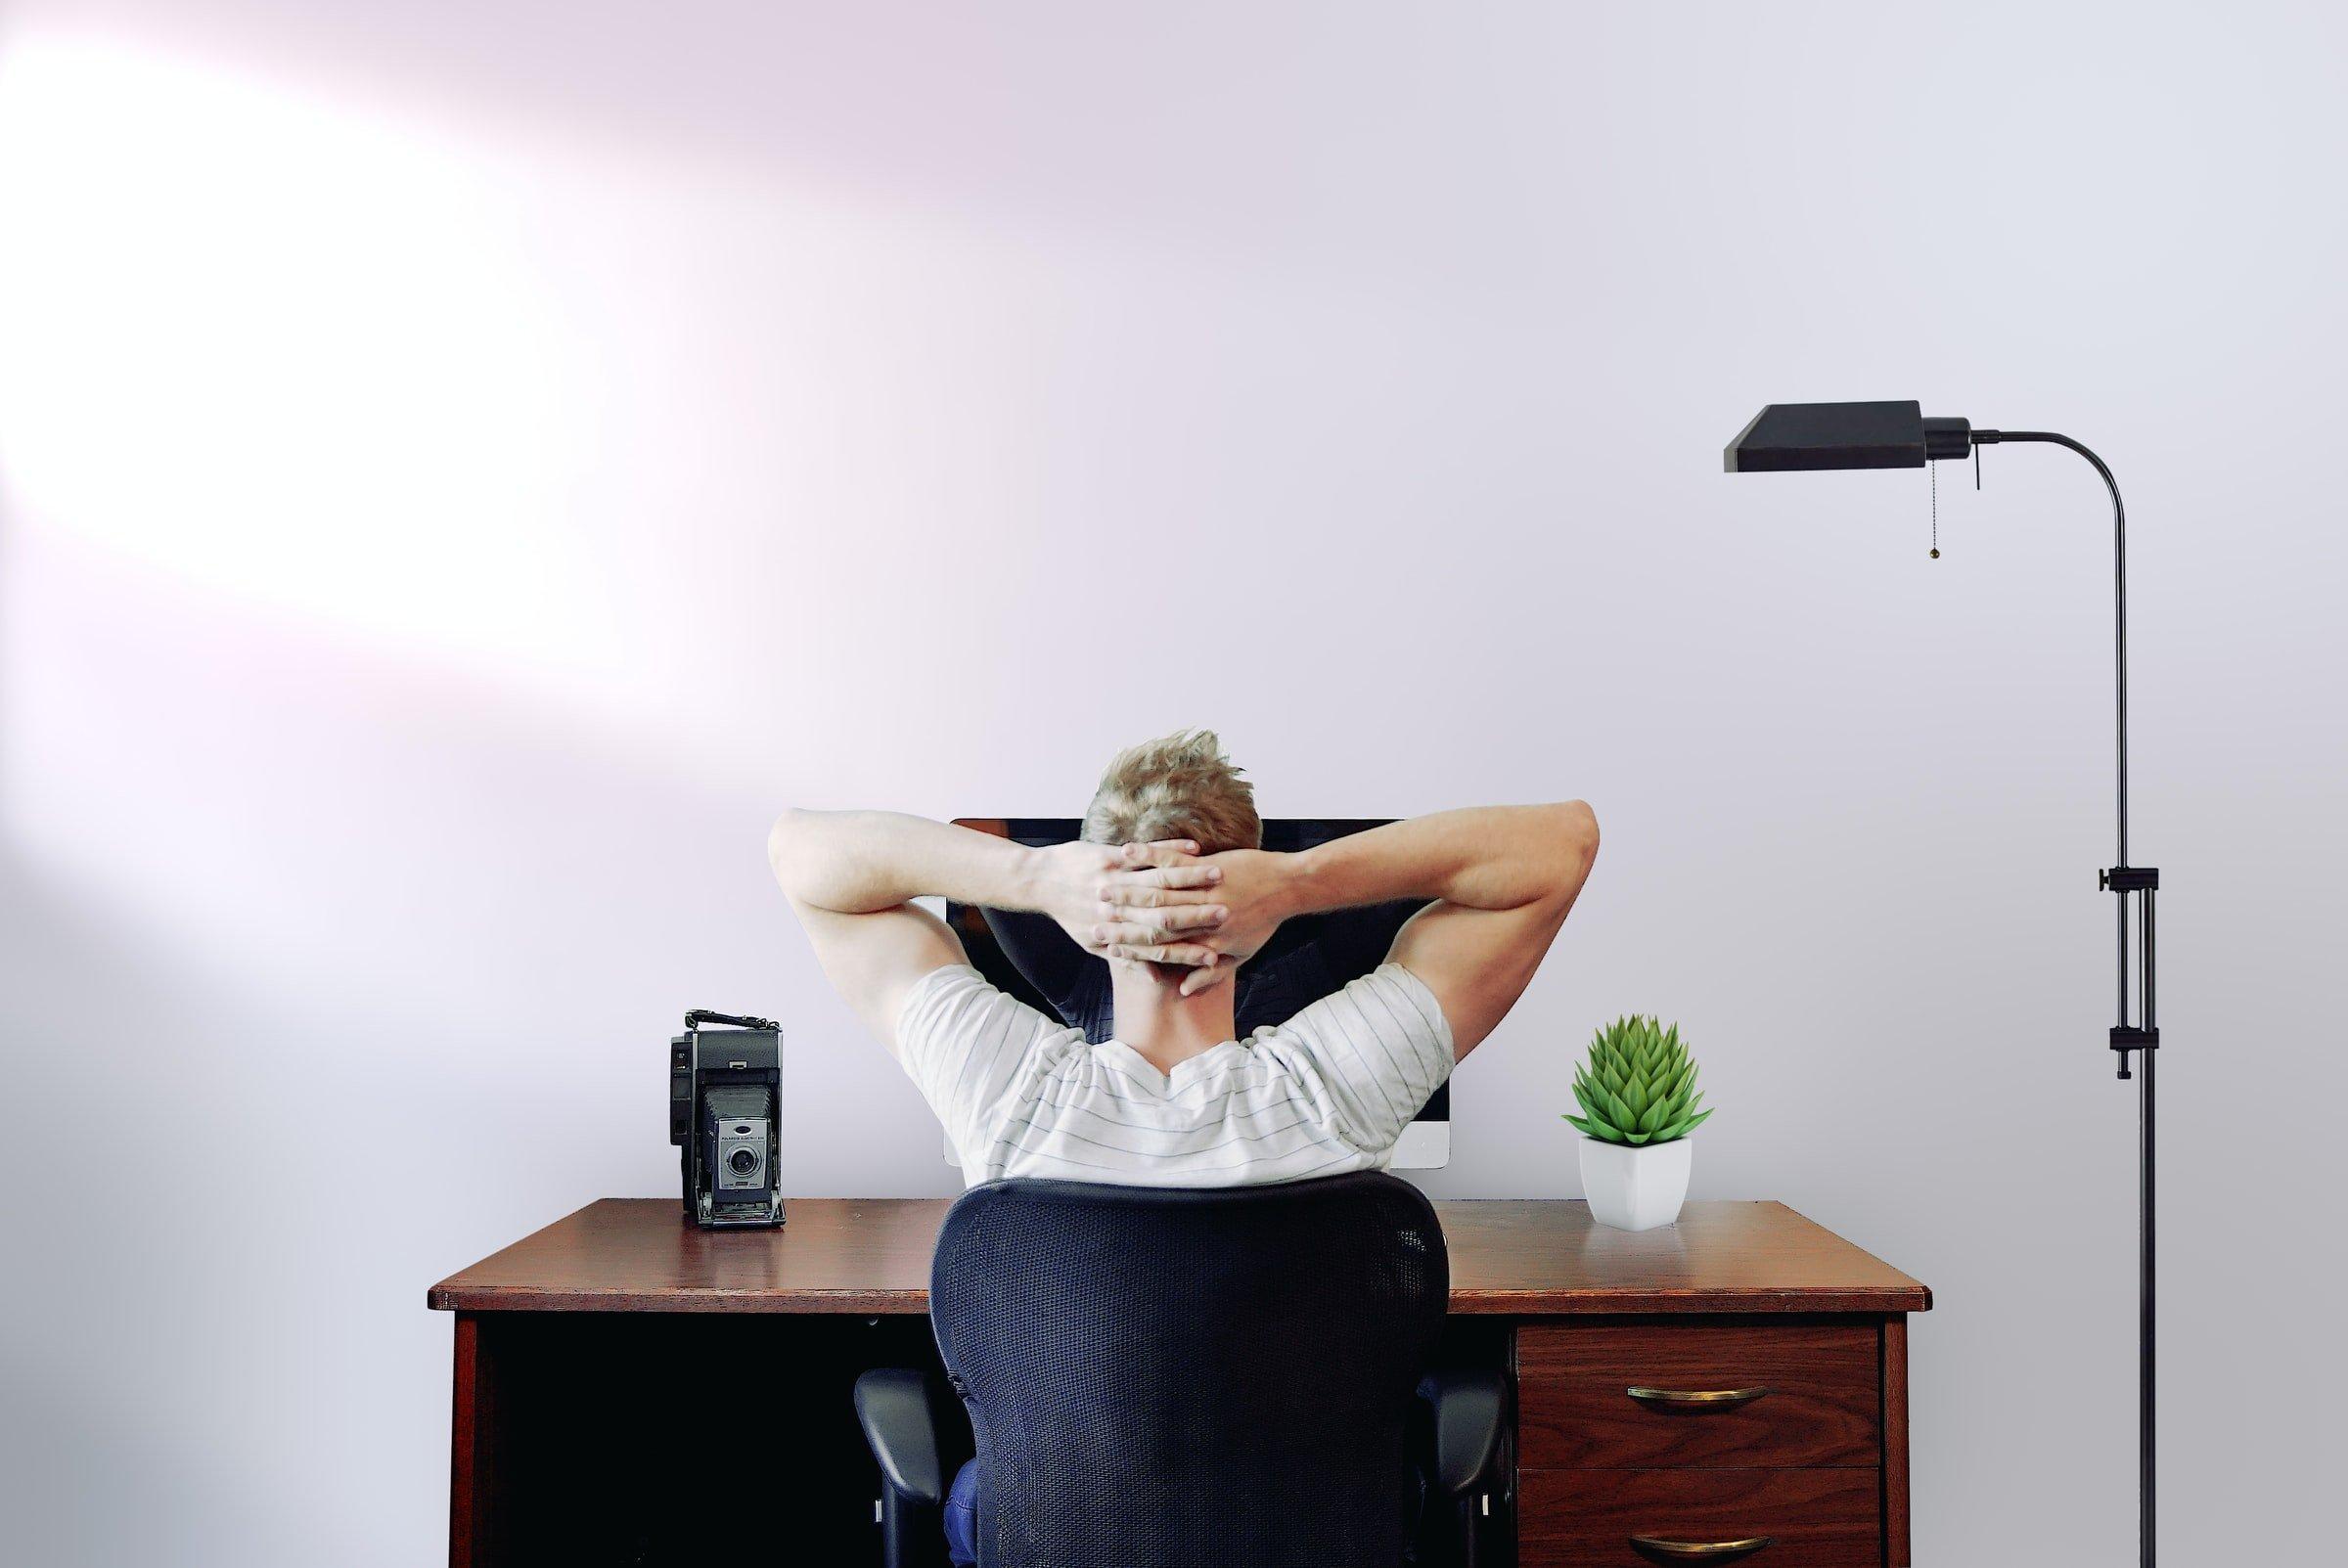 Remote Work Tipps: Work-Life-Balance bedeutet, die eigenen Bedürfnisse nicht hintenanzustellen.